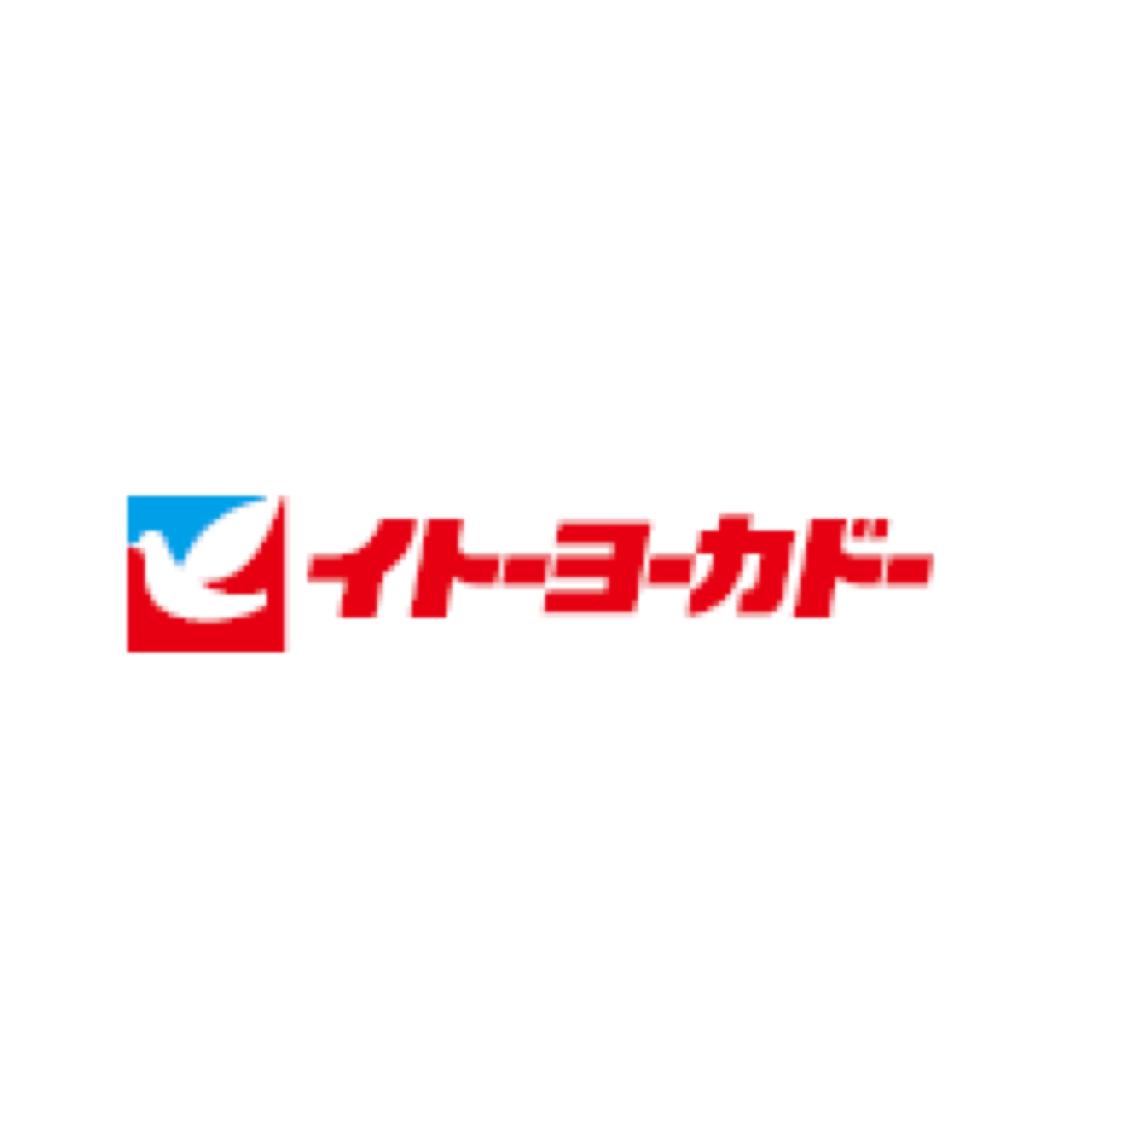 イトーヨーカ堂 企業ロゴ